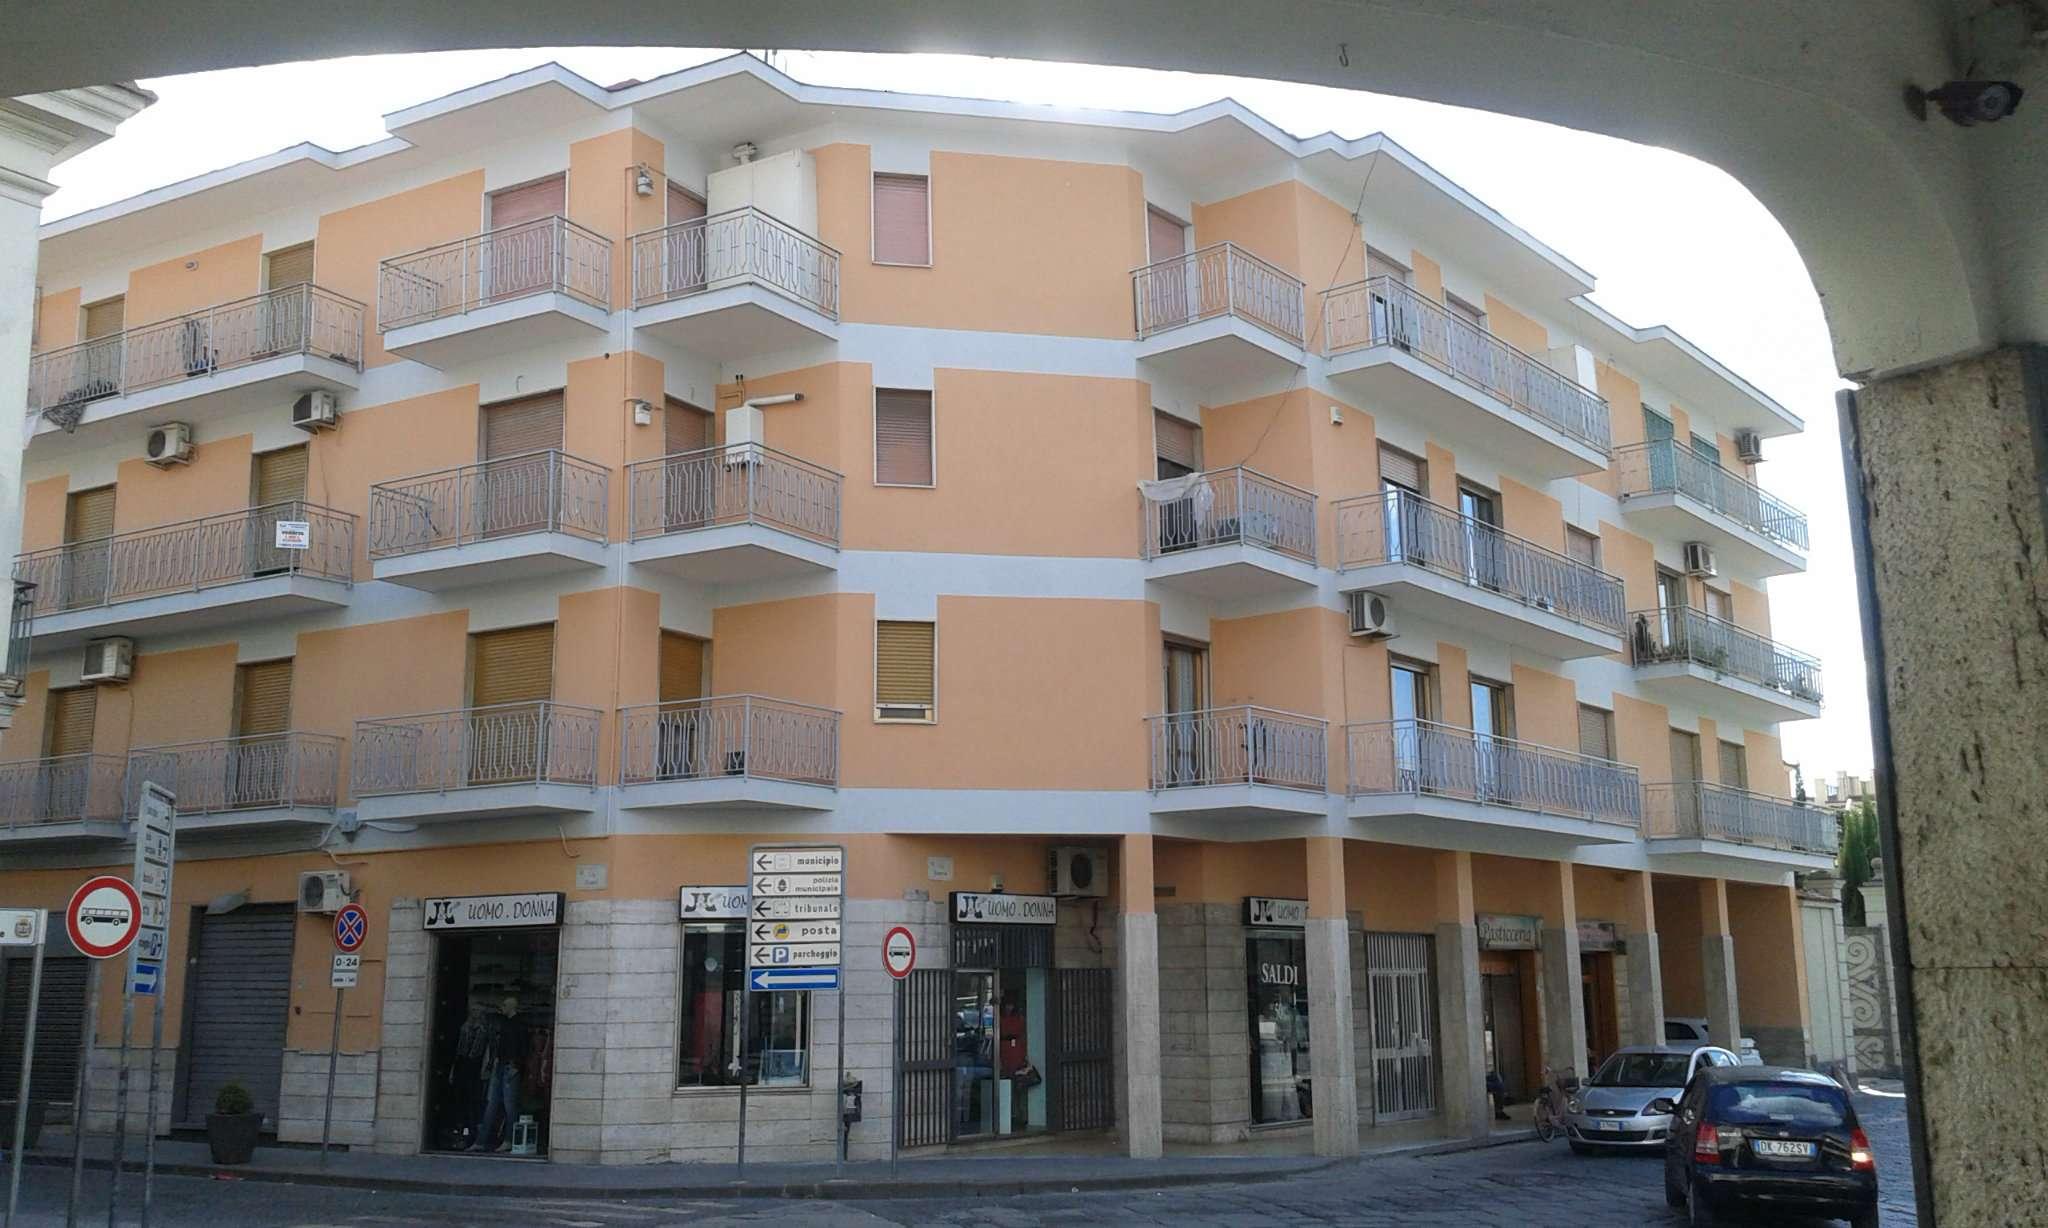 Appartamento in vendita a Marcianise, 3 locali, prezzo € 118.000 | CambioCasa.it